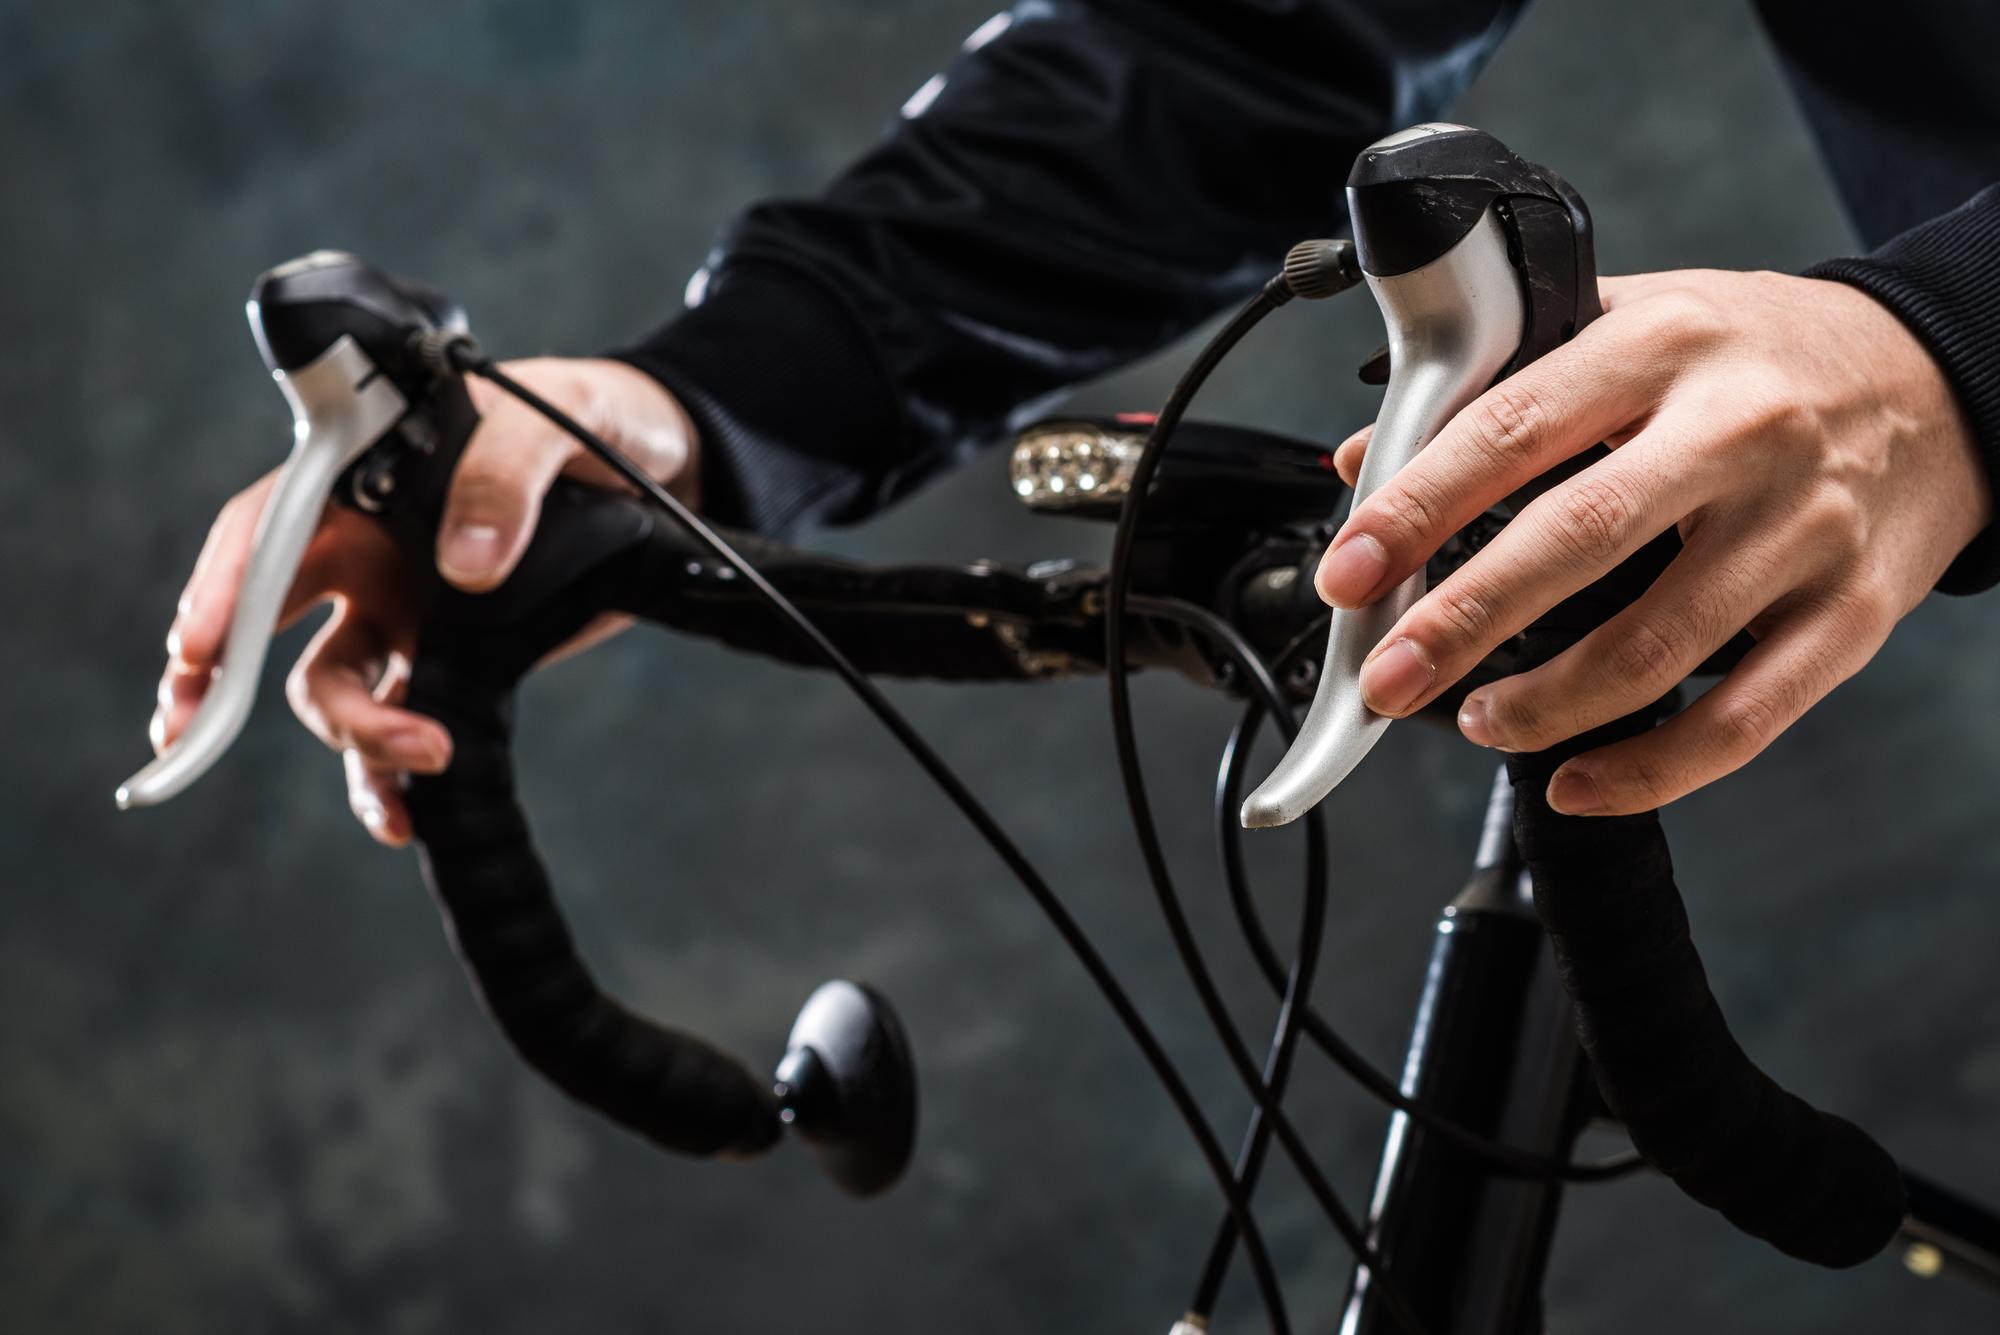 ロードバイクのライト選びに意外な落とし穴?ロードバイクに重要な「ライト」の選び方